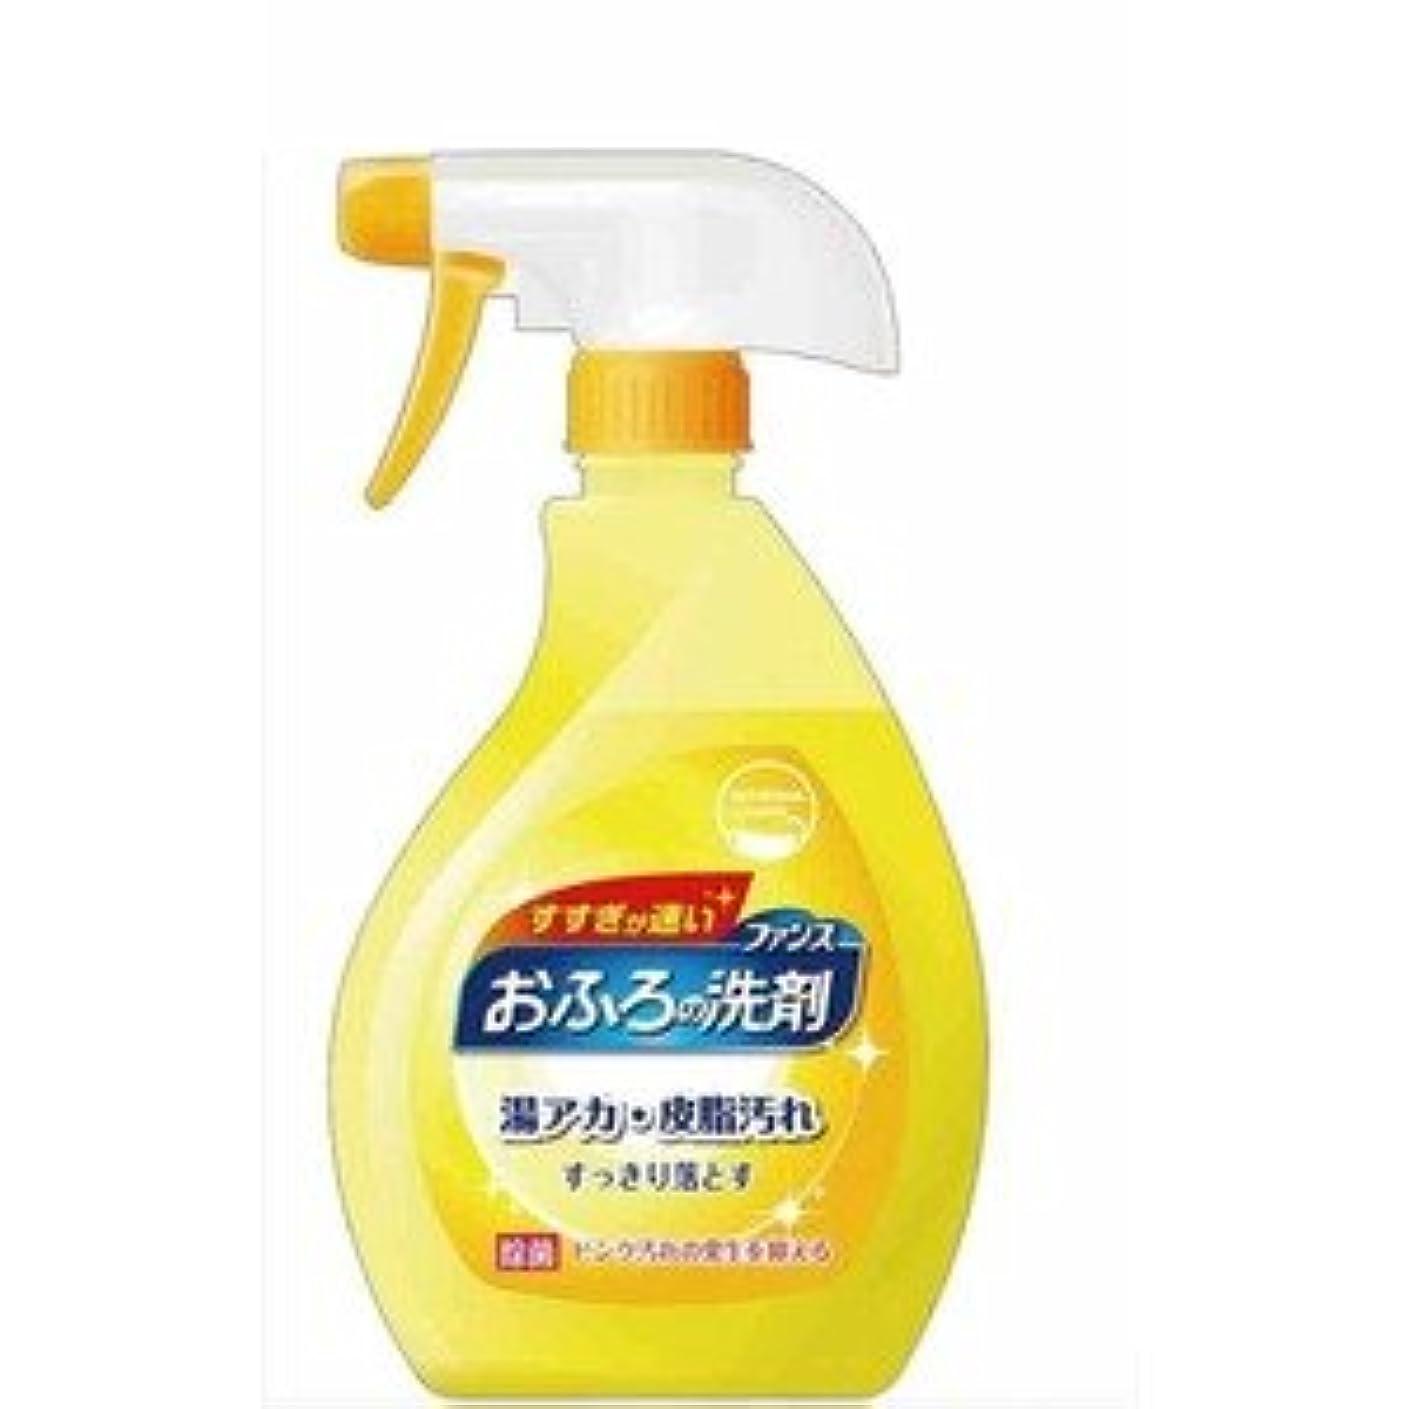 申し立てられた侮辱オセアニアルファンスおふろの洗剤オレンジミント本体380ml 46-238 【120個セット】